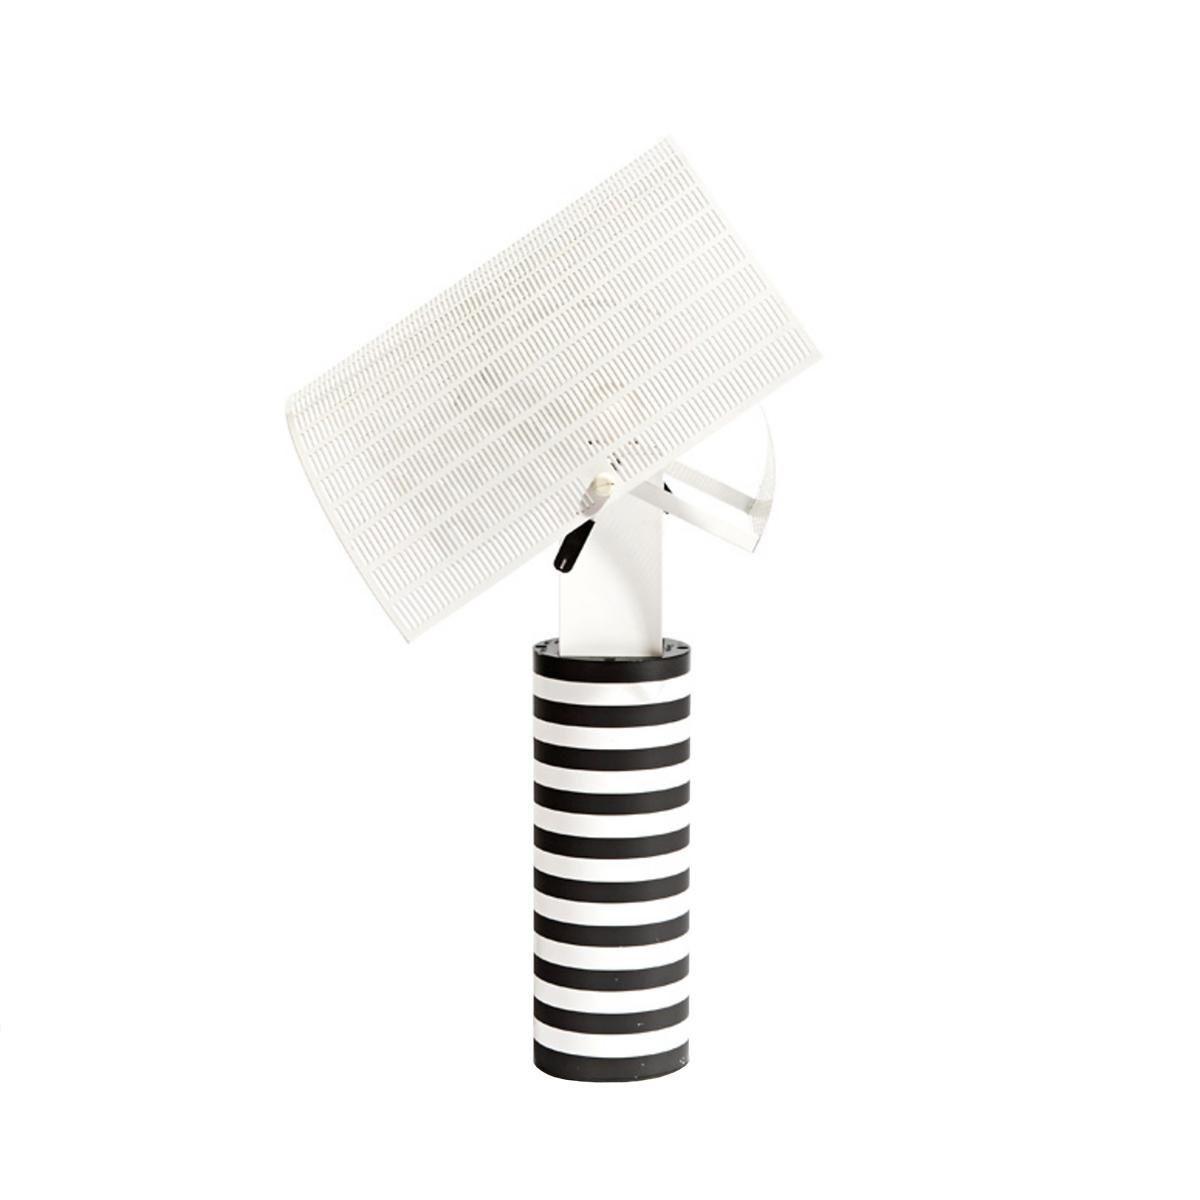 Shogun tavolo lampe de table artemide for Lampe de chevet originale pas cher